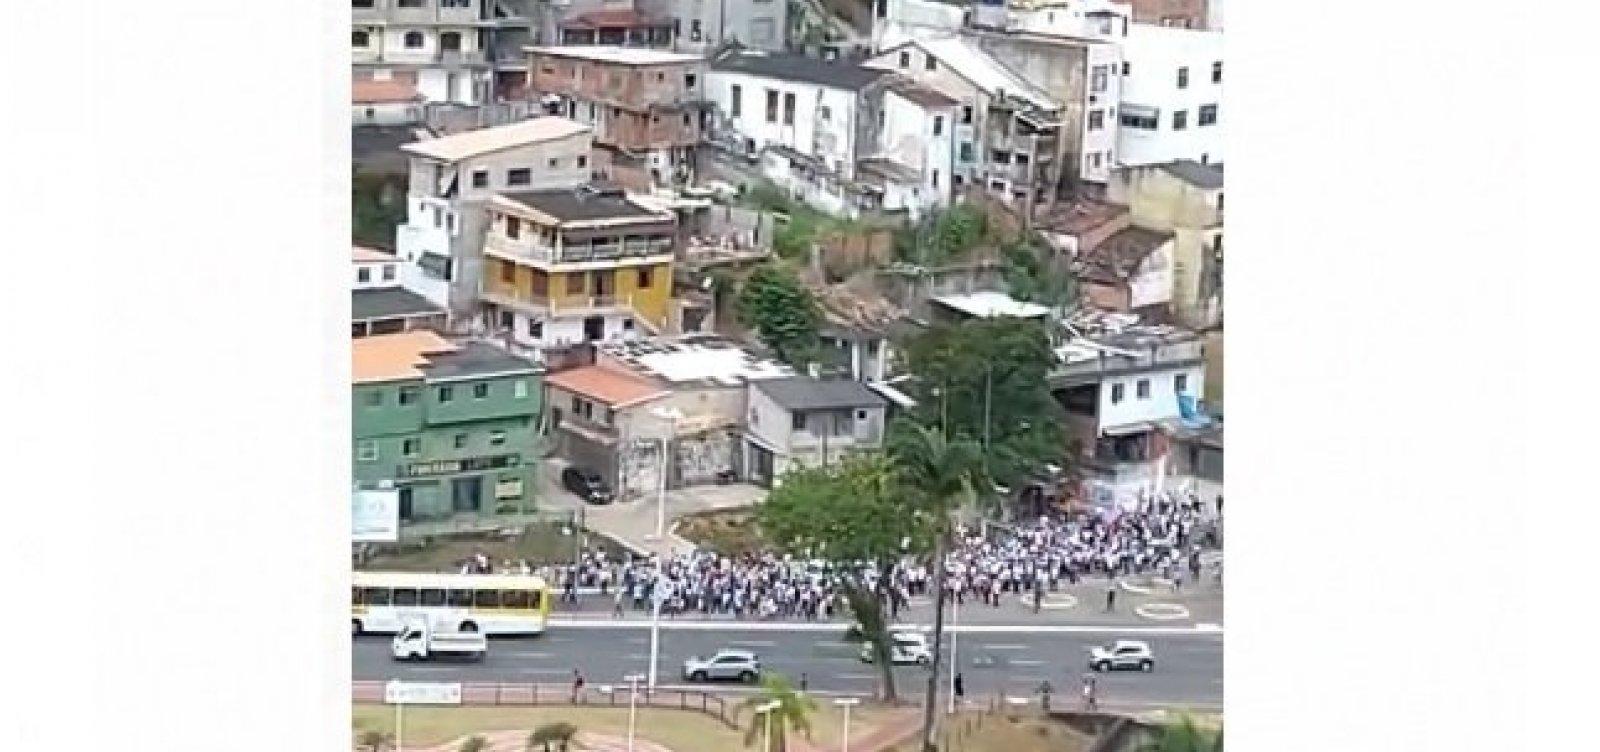 Por reajuste, agentes de saúde fecham Estação da Lapa e travam trânsito em Salvador